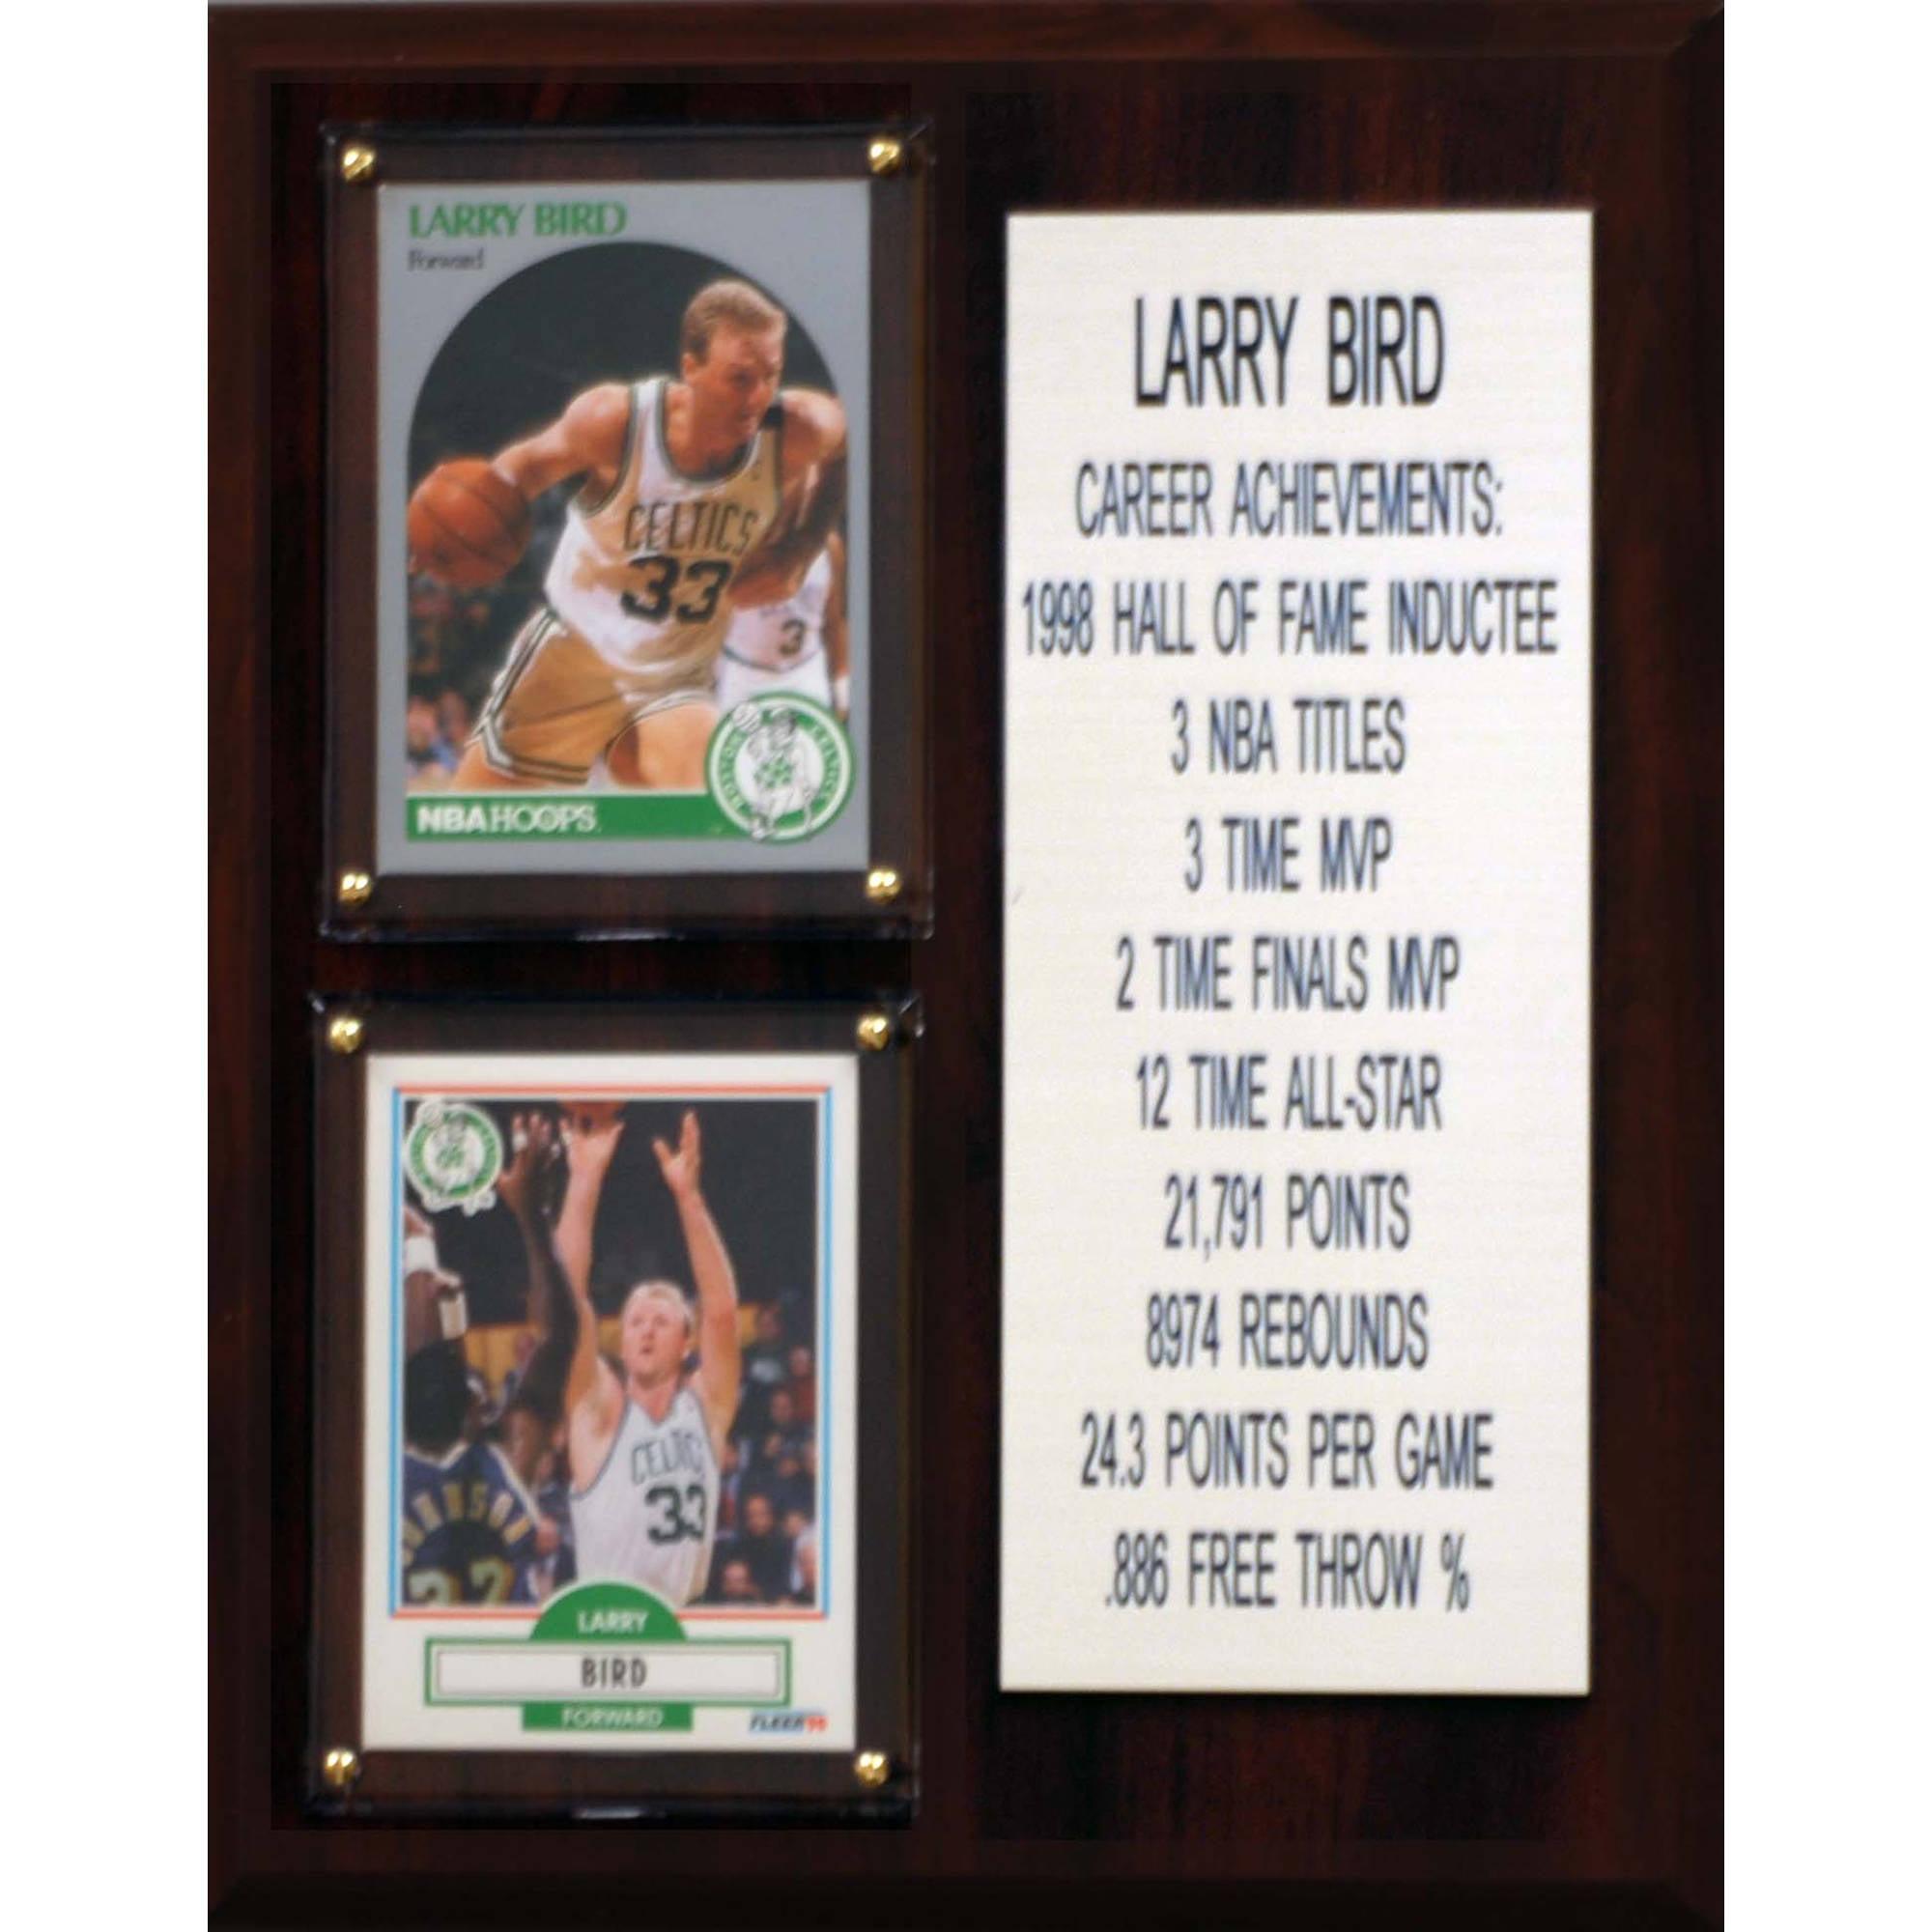 larry bird achievements